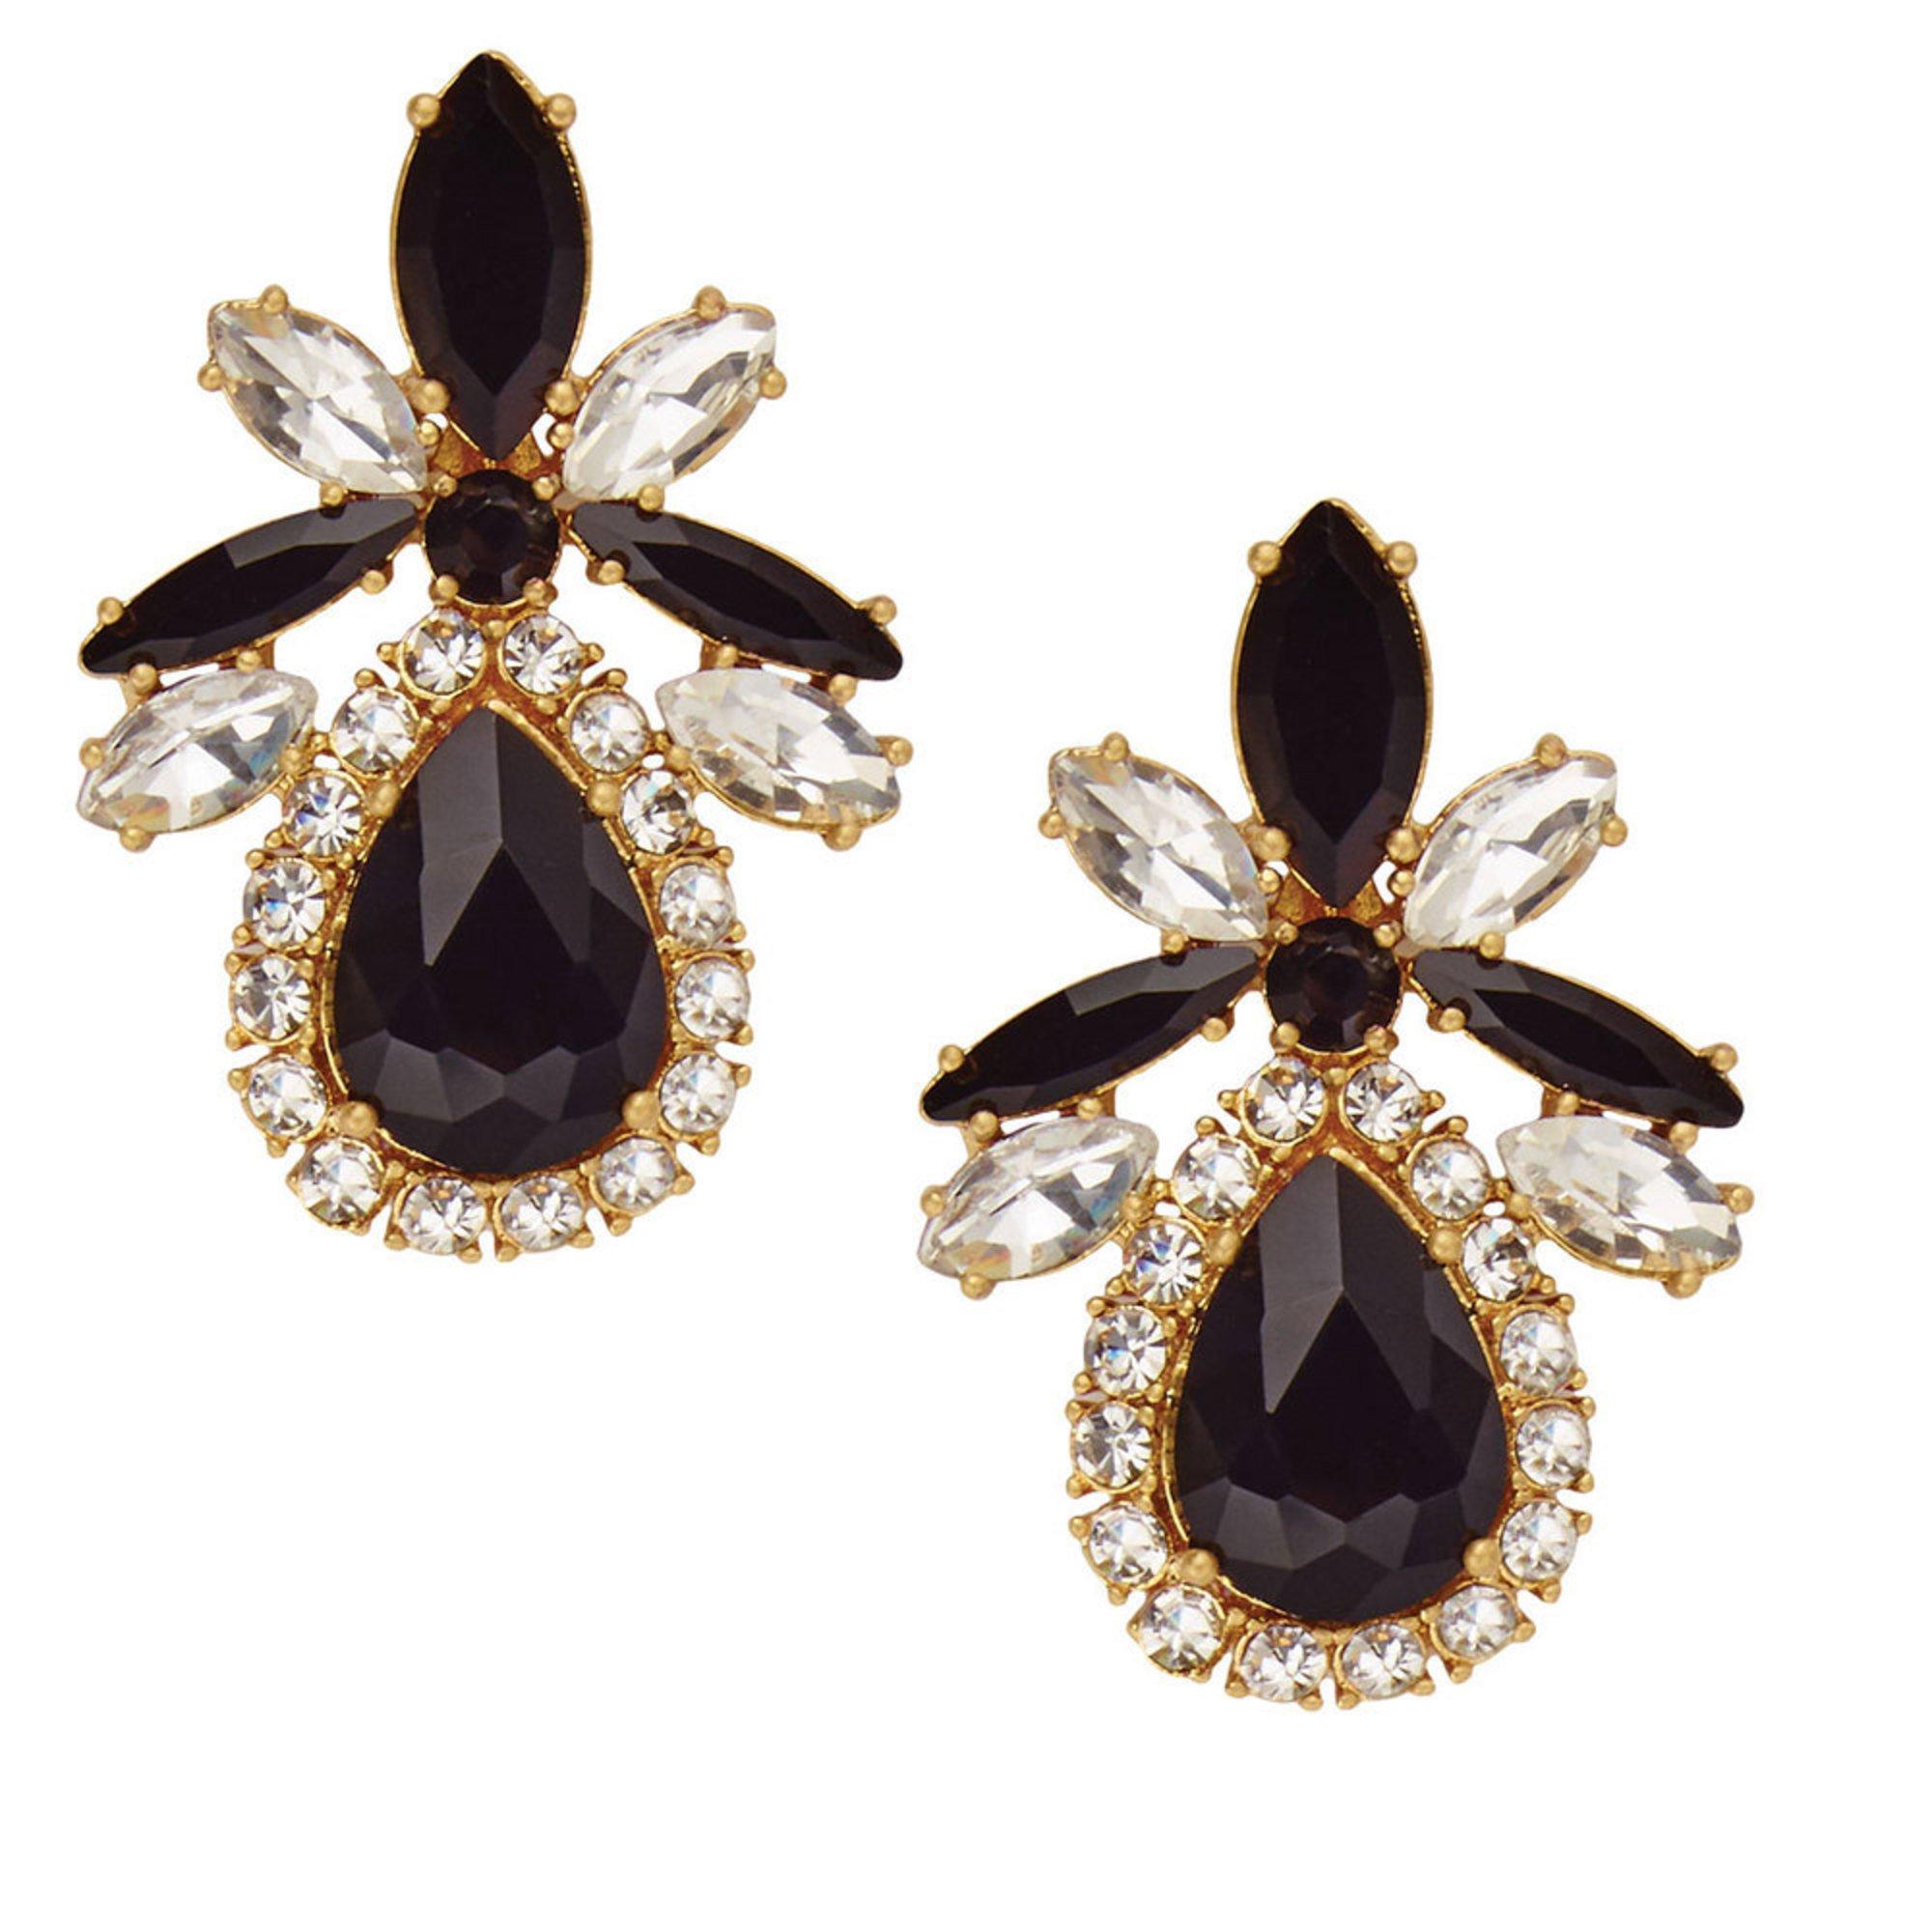 e877e276327b69 Kate Spade New York Glitzville Statement Studs Black Multi | Fashion ...